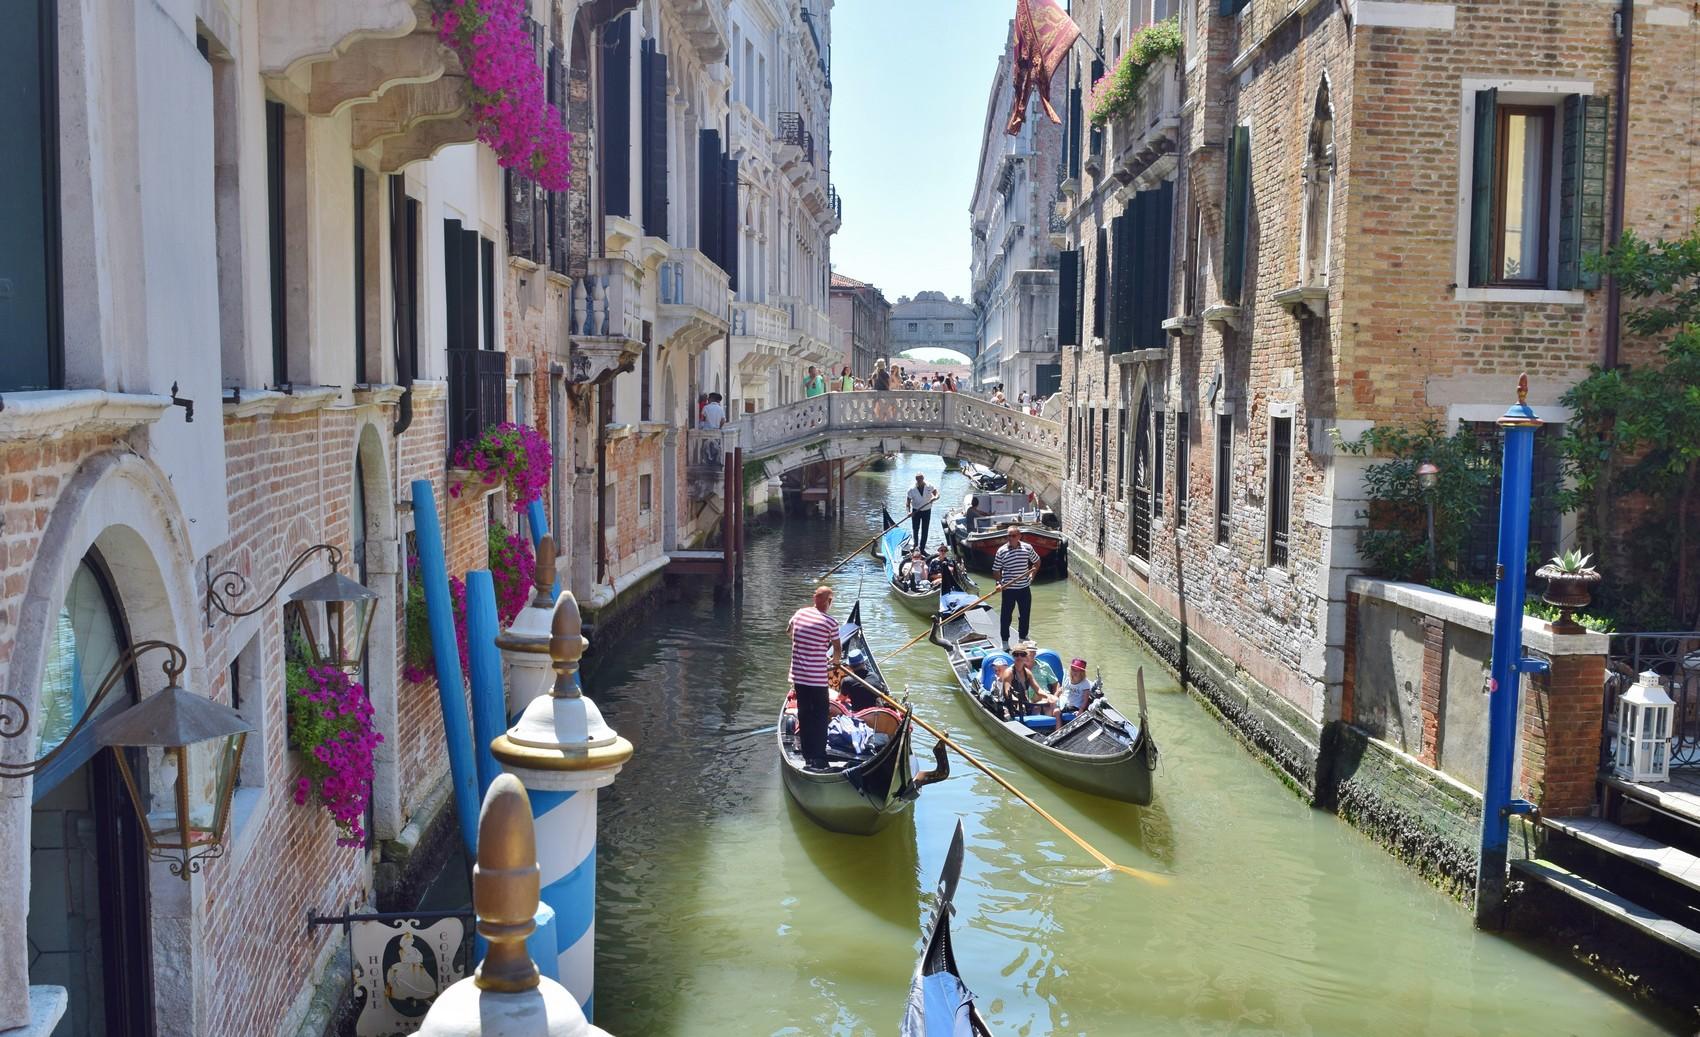 Venise en Juillet, récit d'un week-end romantique.